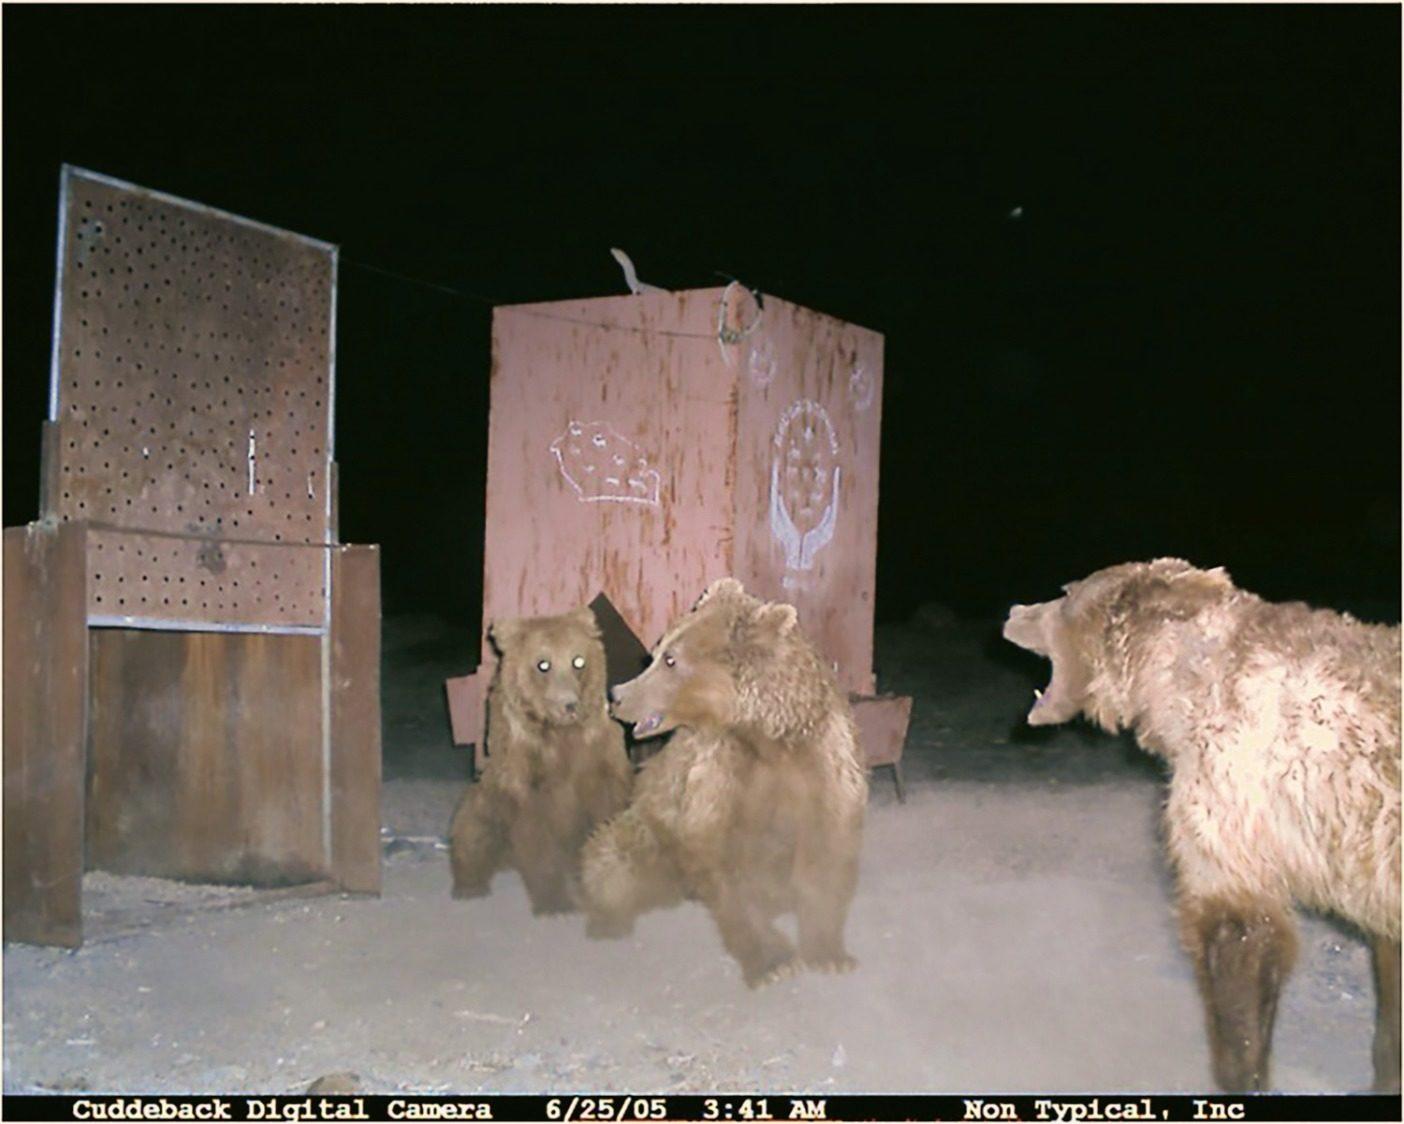 餌付け場所に設置された自動カメラの1つが撮影した、まだ成獣に満たない子供を他の大きなクマから守ろうとする母親の様子。Photo: Gobi Bear Project